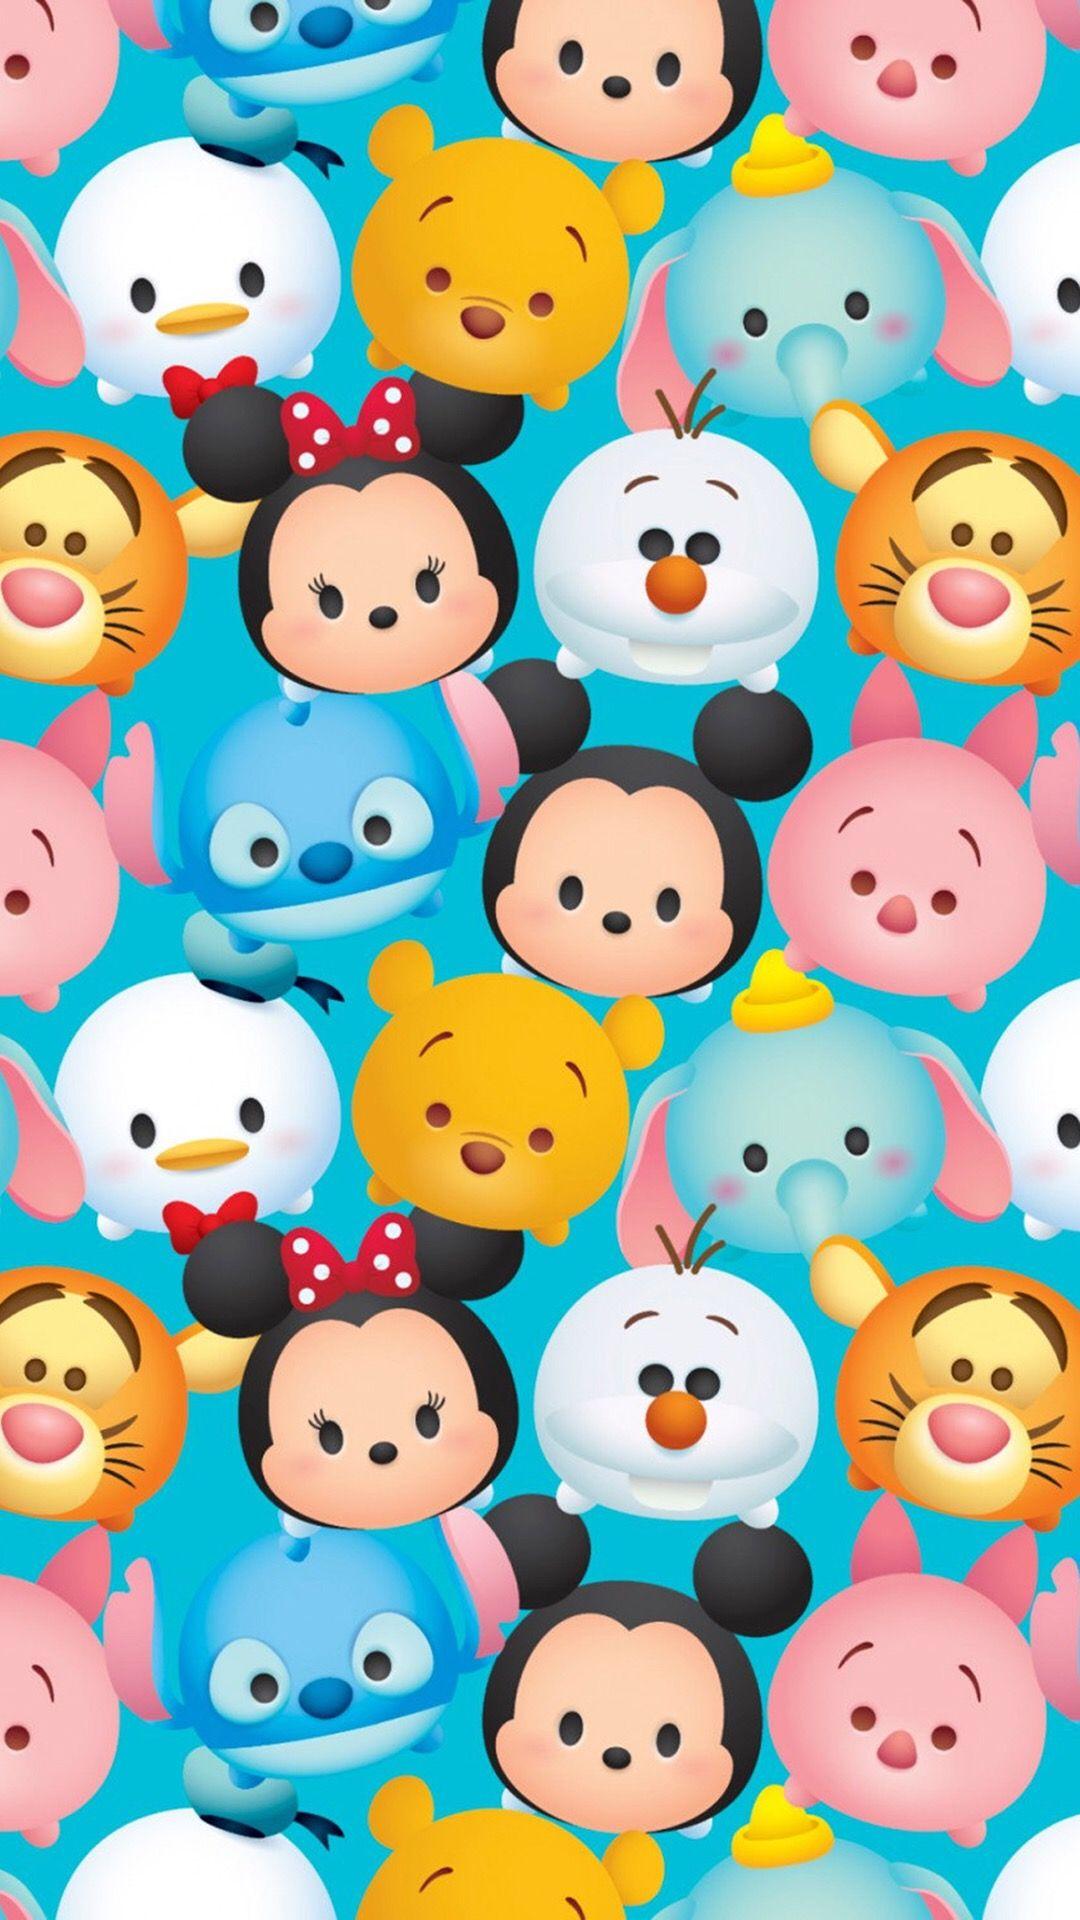 Tsum Tsum Wallpaper | WALLPAPER | Pinterest | Tsum tsum